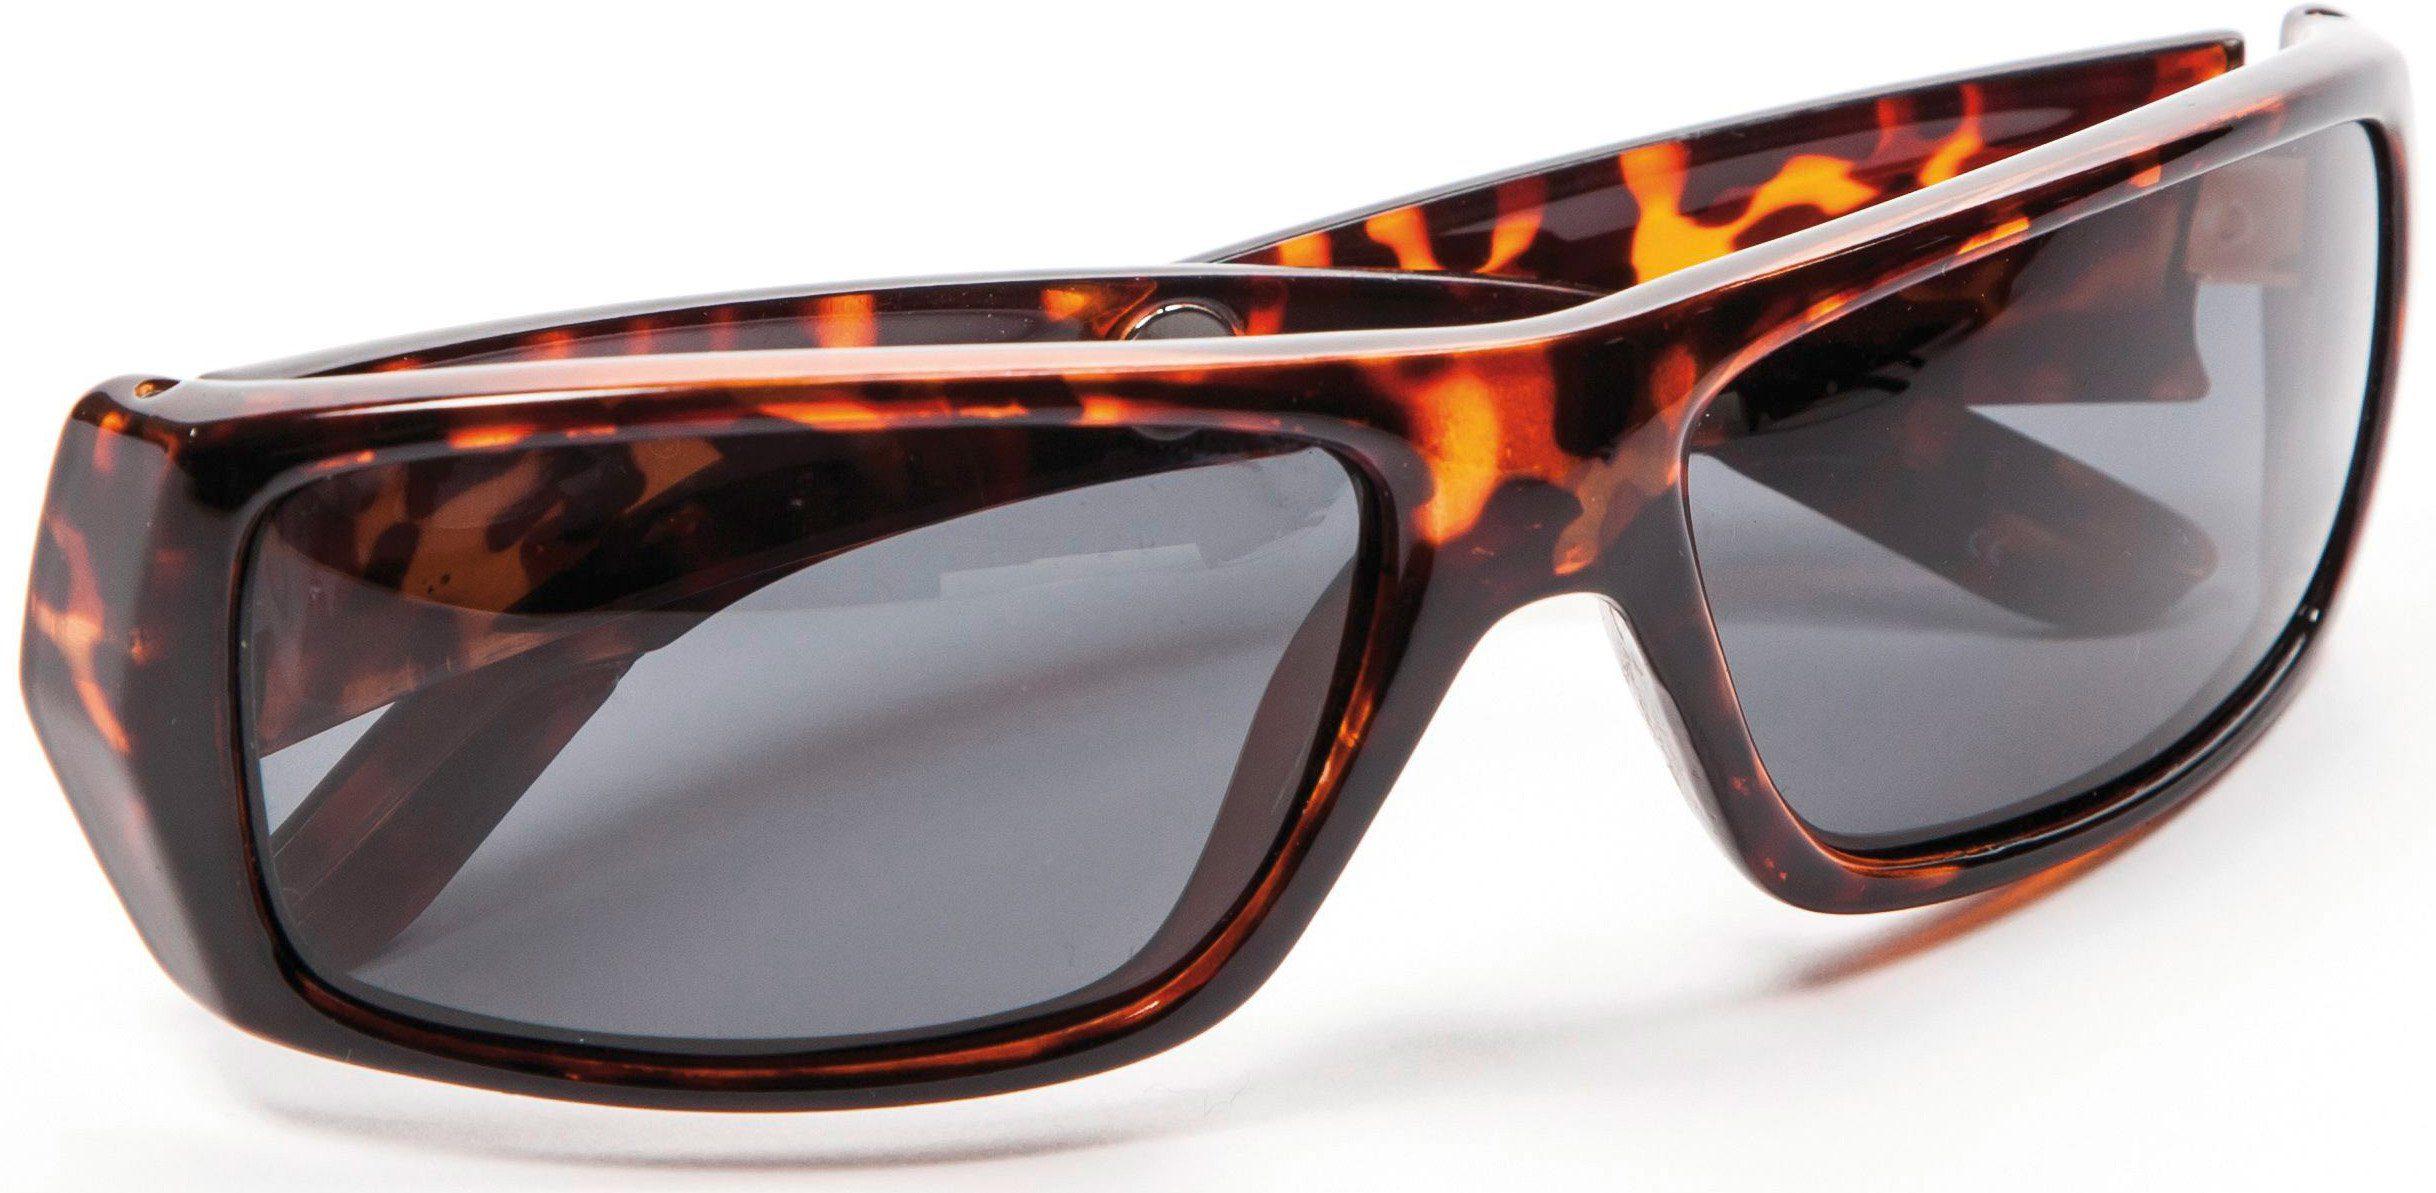 Polaryte Sonnenbrille, »Polaryte Einzelbrille«, braun